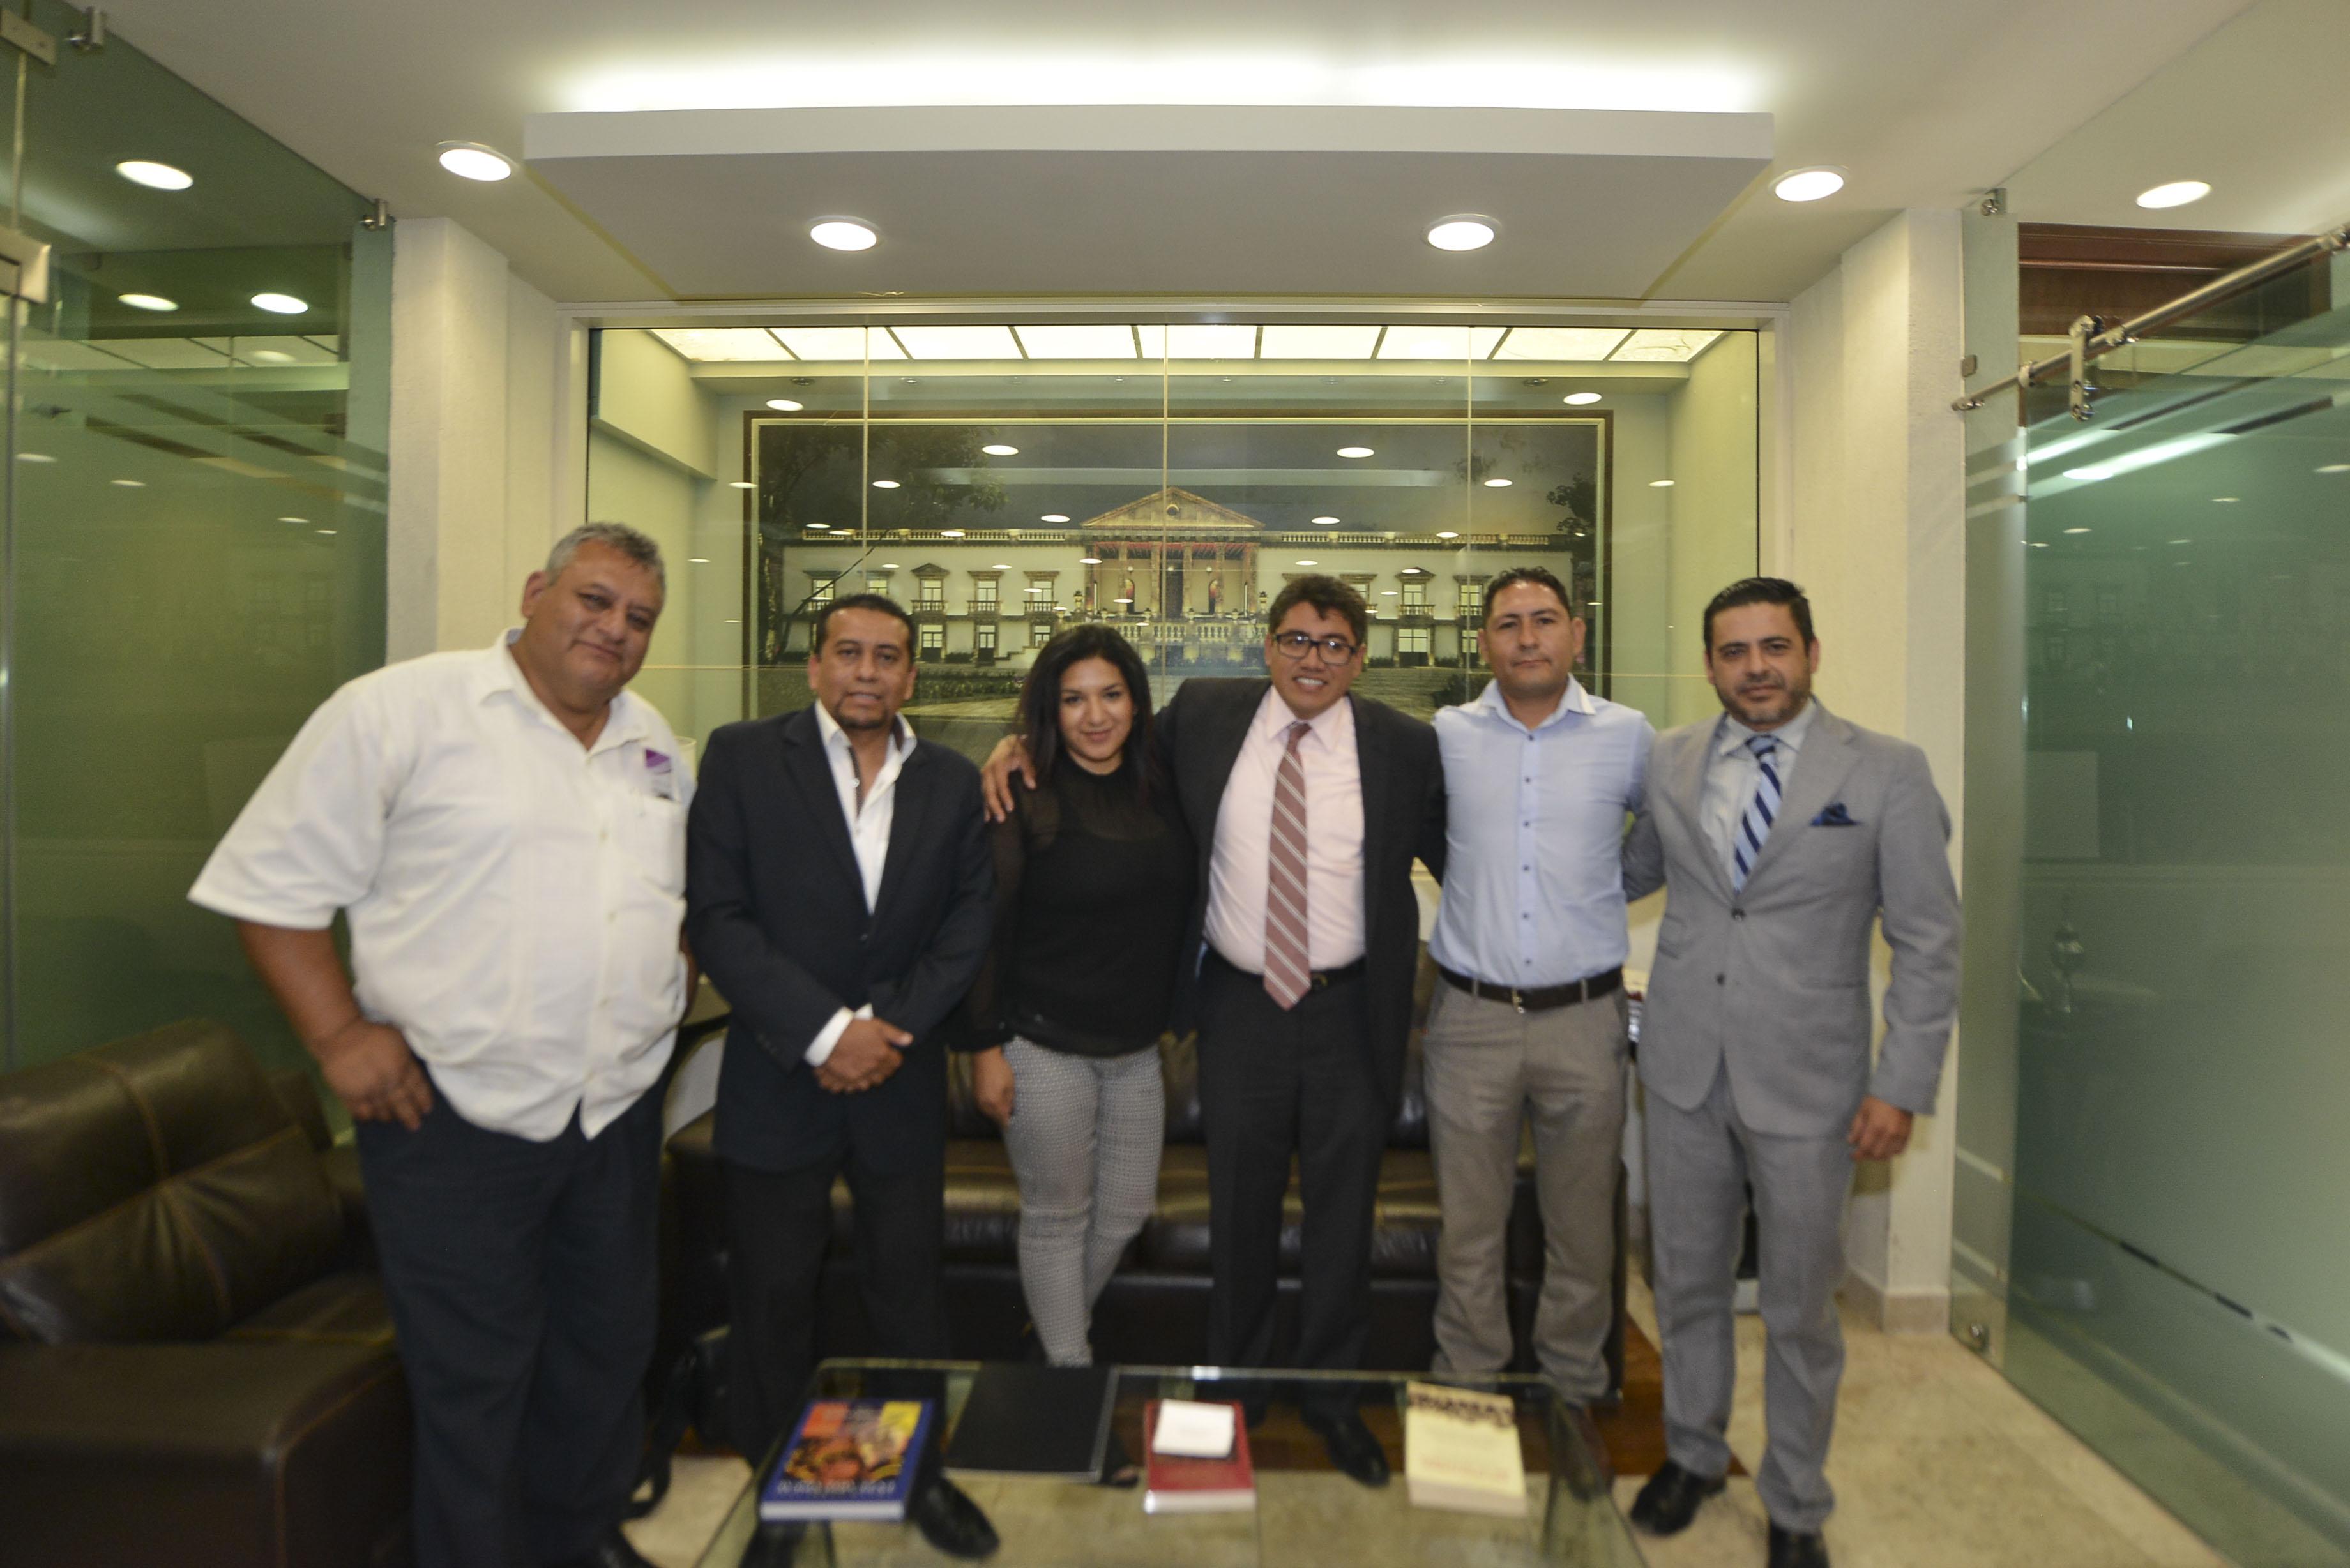 PARTICIPARÁ EL ALCALDE SAÚL MONREAL EN CONGRESO LATINOAMERICANO DE SEGURIDAD PÚBLICA EN LIMA, PERÚ